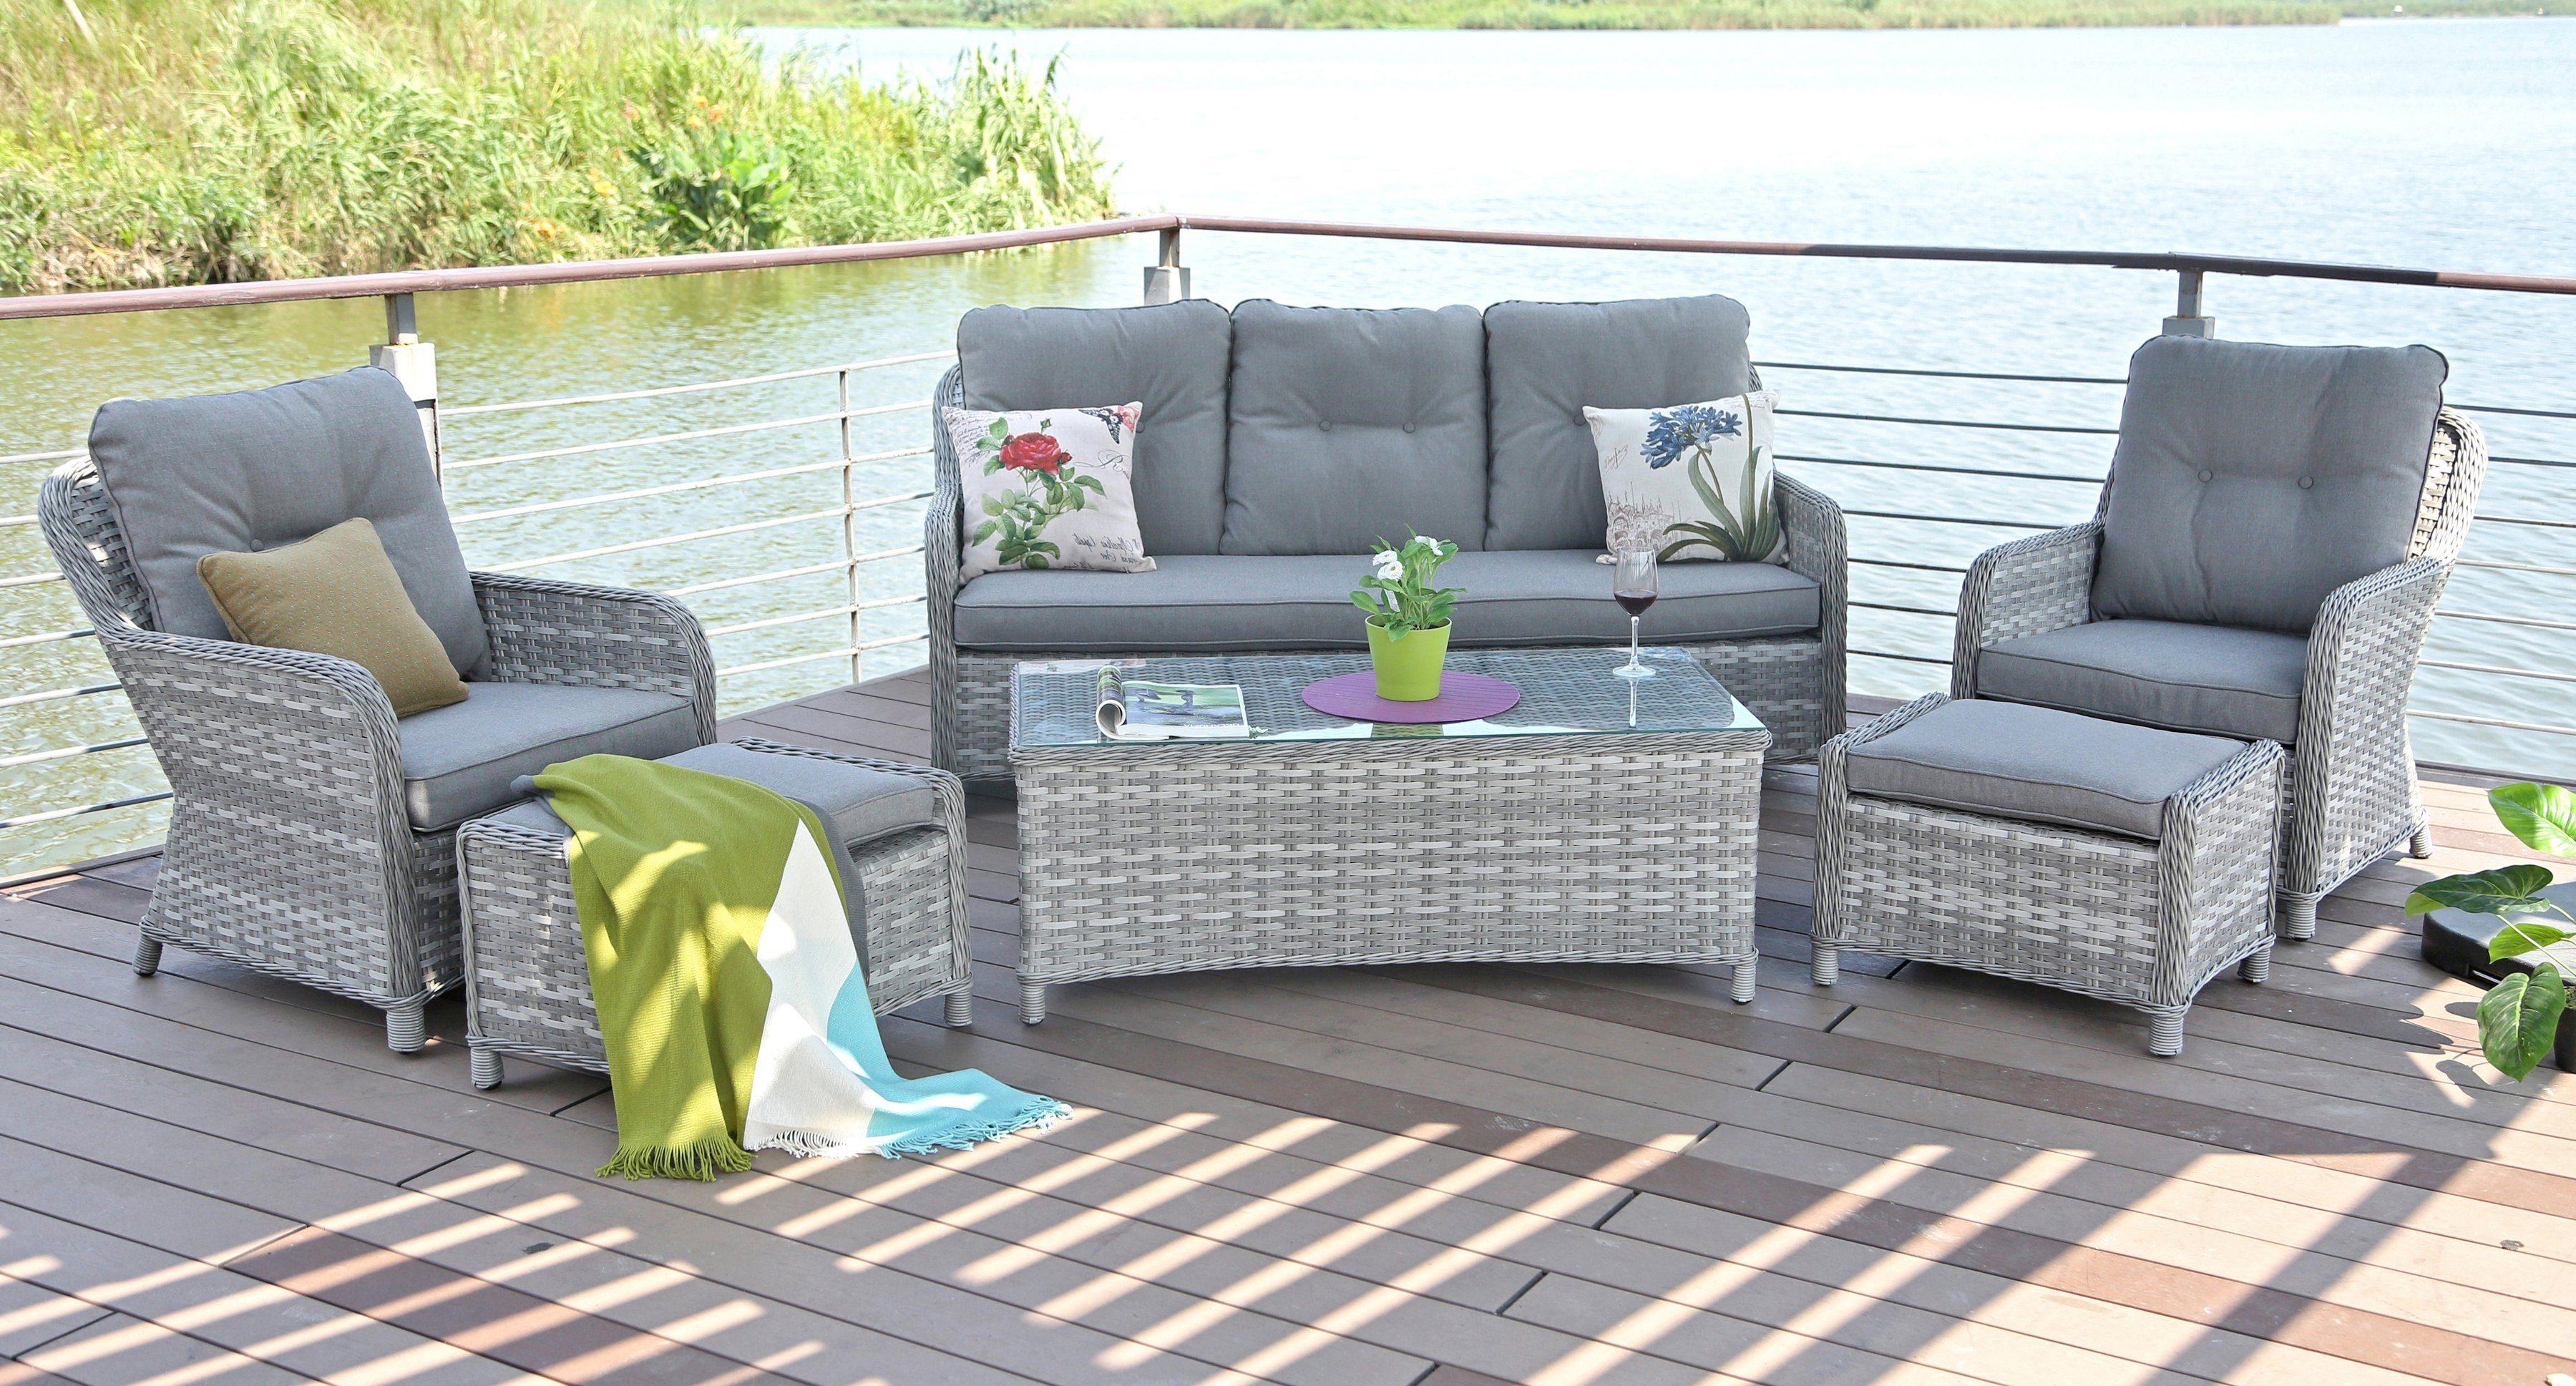 Gut Loungeset »Casablanca«, 2 Sessel, 3er-Sofa, 2 Fußhocker, Tisch  QS54